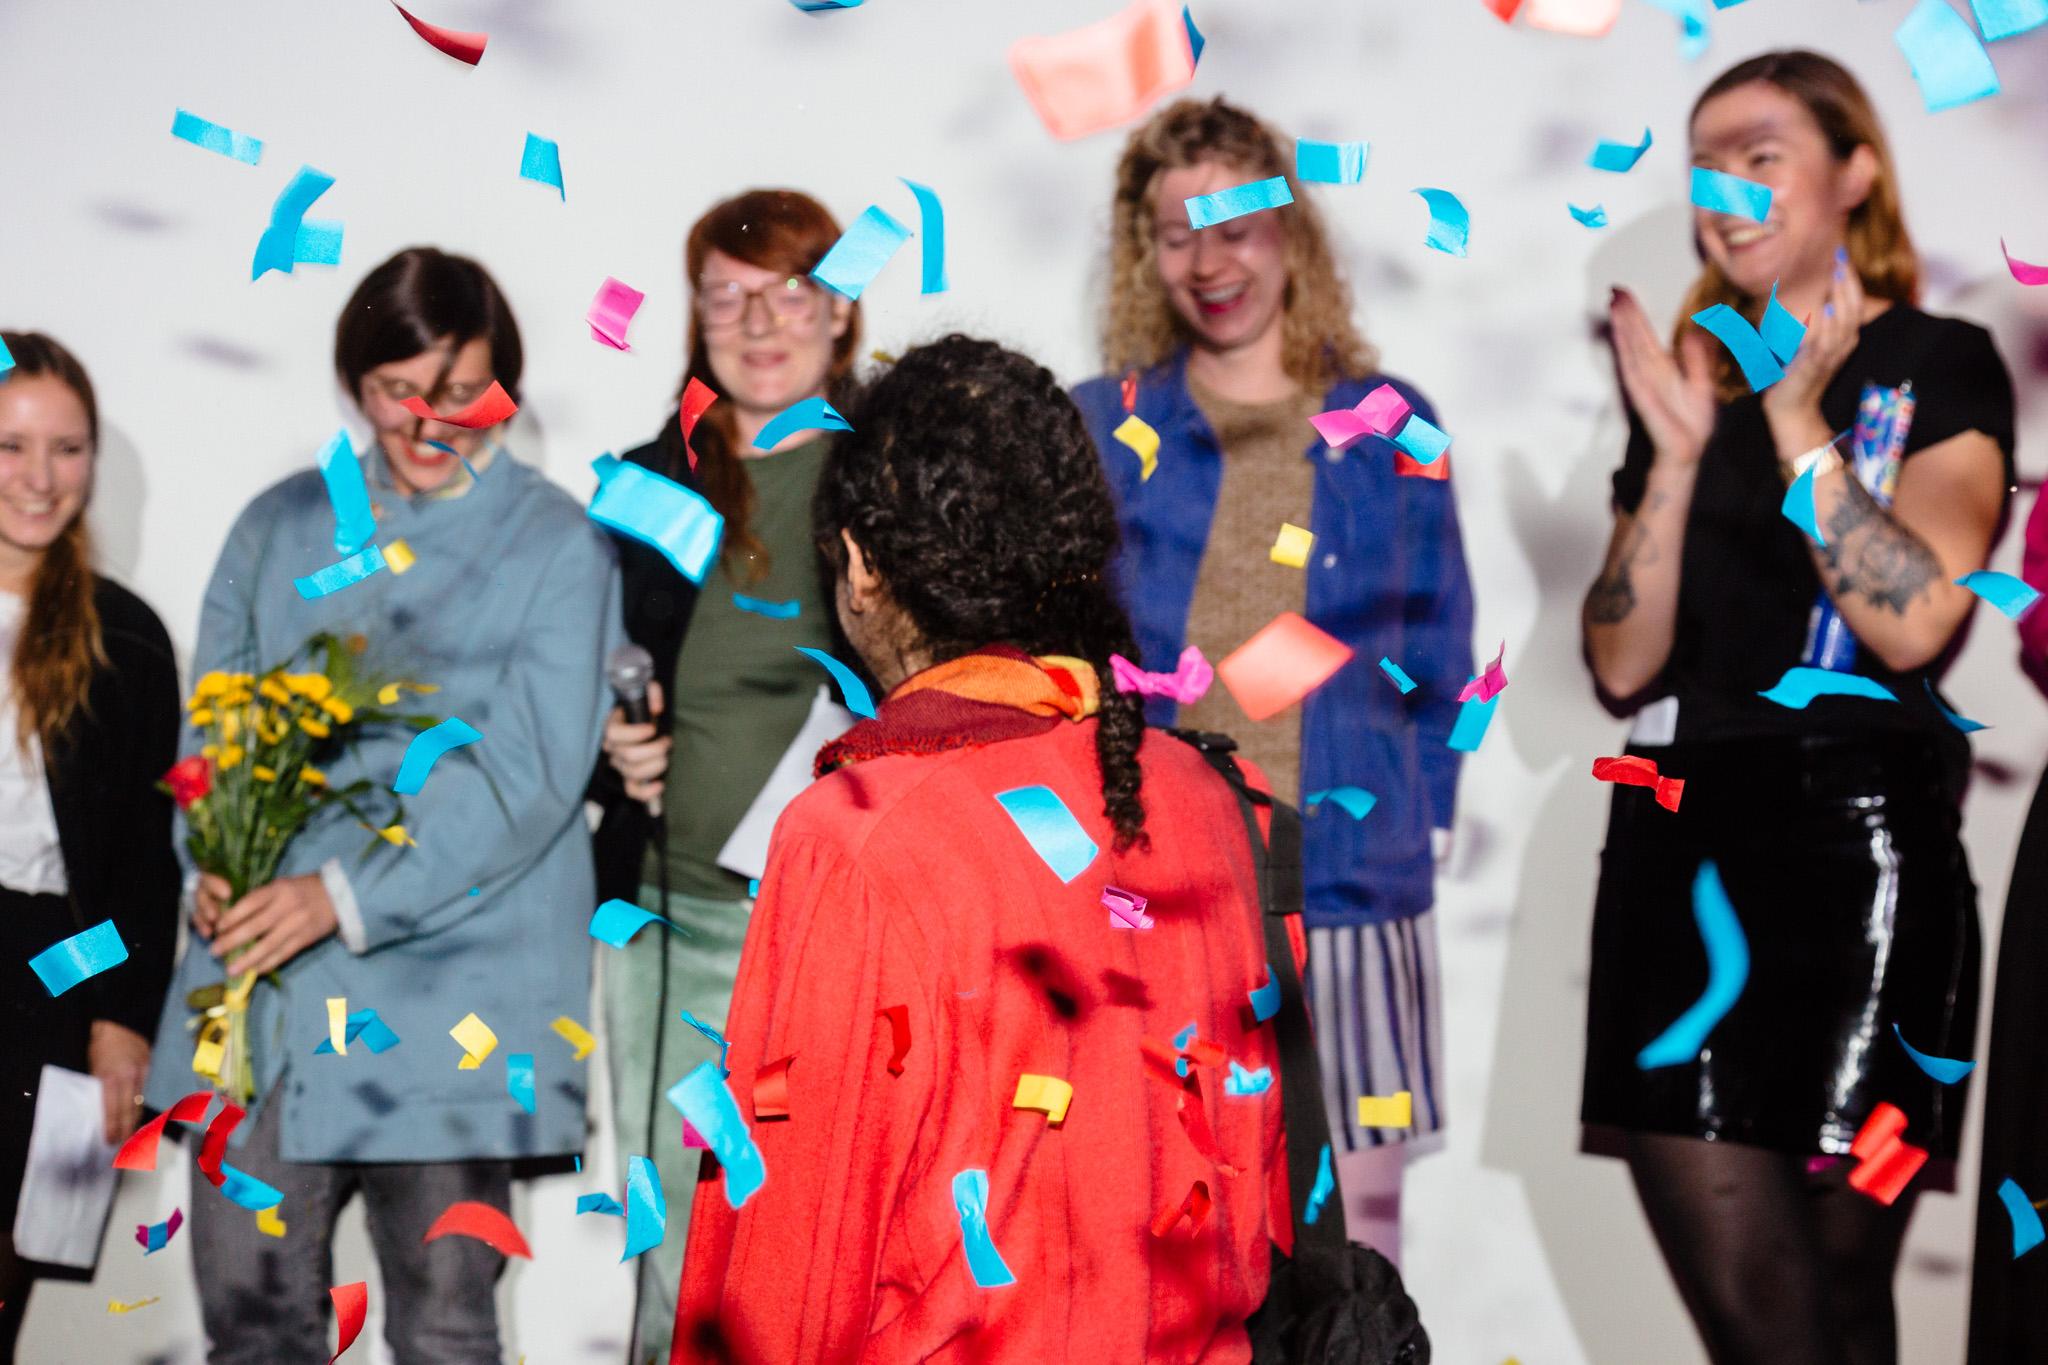 <p><strong>Preisverleihung</strong></p> <p>Am 28. September wurden in einer feierlichen und öffentlichen Verleihung die drei GewinnerInnen des Berlin Art Prize bekanntgegeben, Foto André Wunstorf</p>